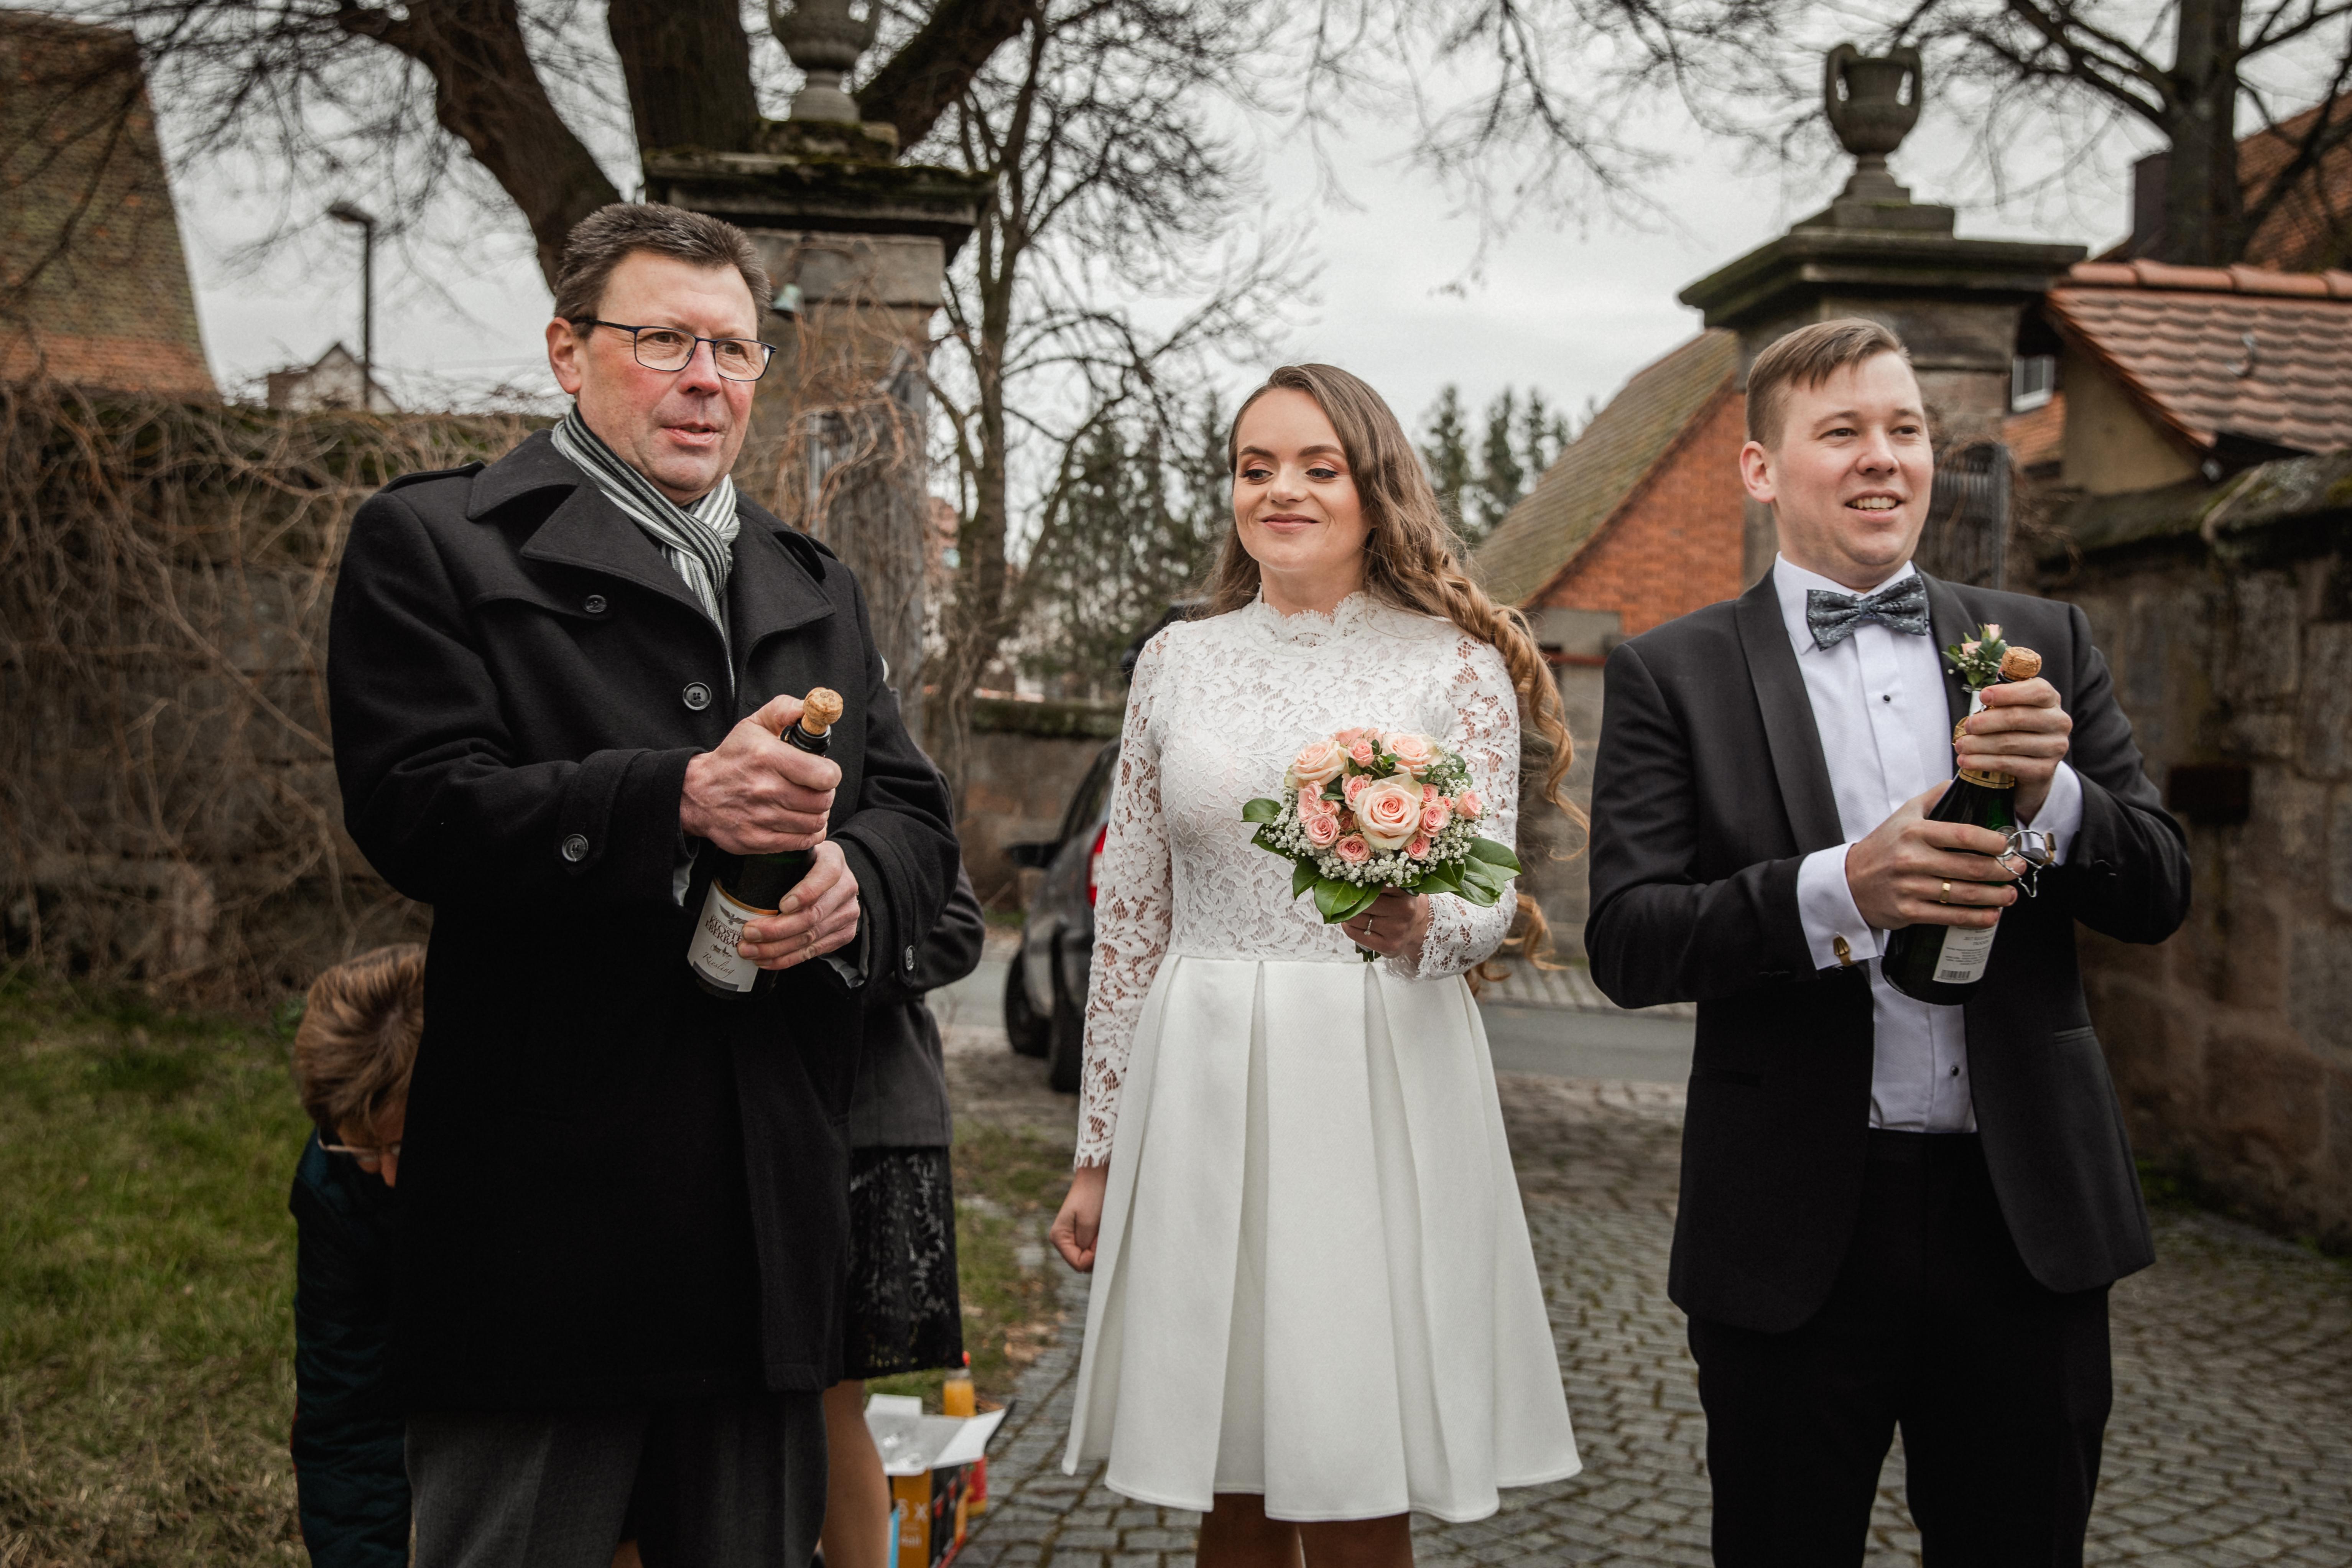 Hochzeitsfotograf-Grossgruendlach-Standesamt-Hallerschloss-Urbanerie-Stazija-und-Michael-053